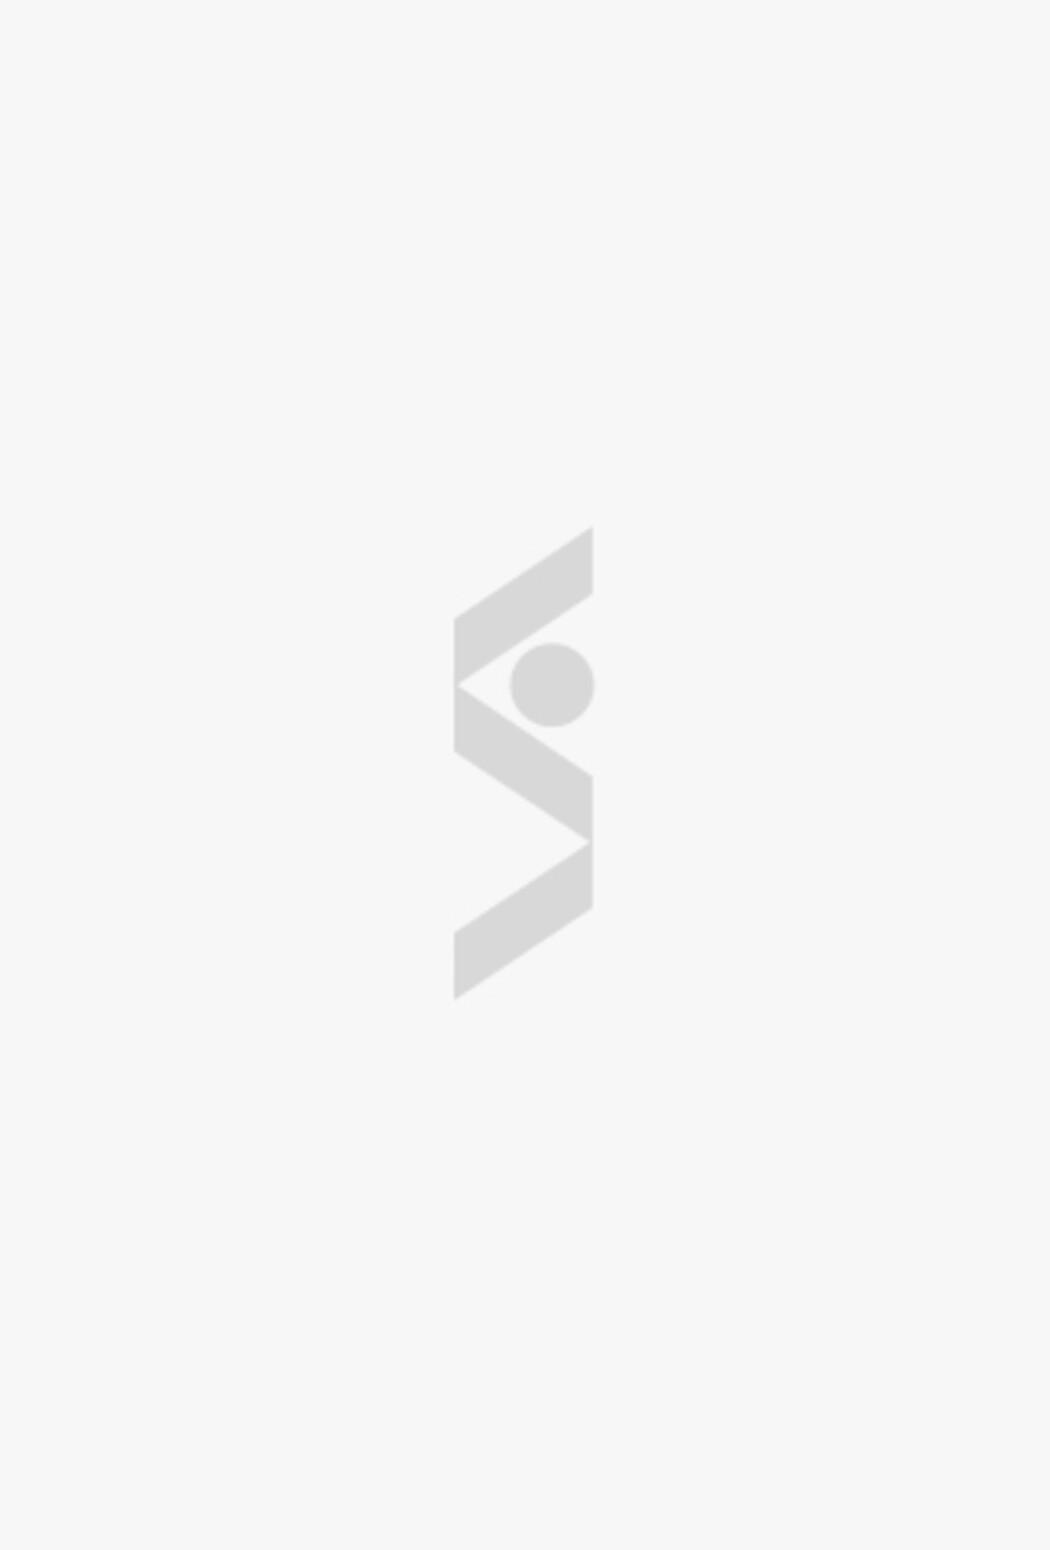 Водонепроницаемые краги маунт Oldos - цена 528 ₽ купить в интернет-магазине СТОКМАНН в Москве